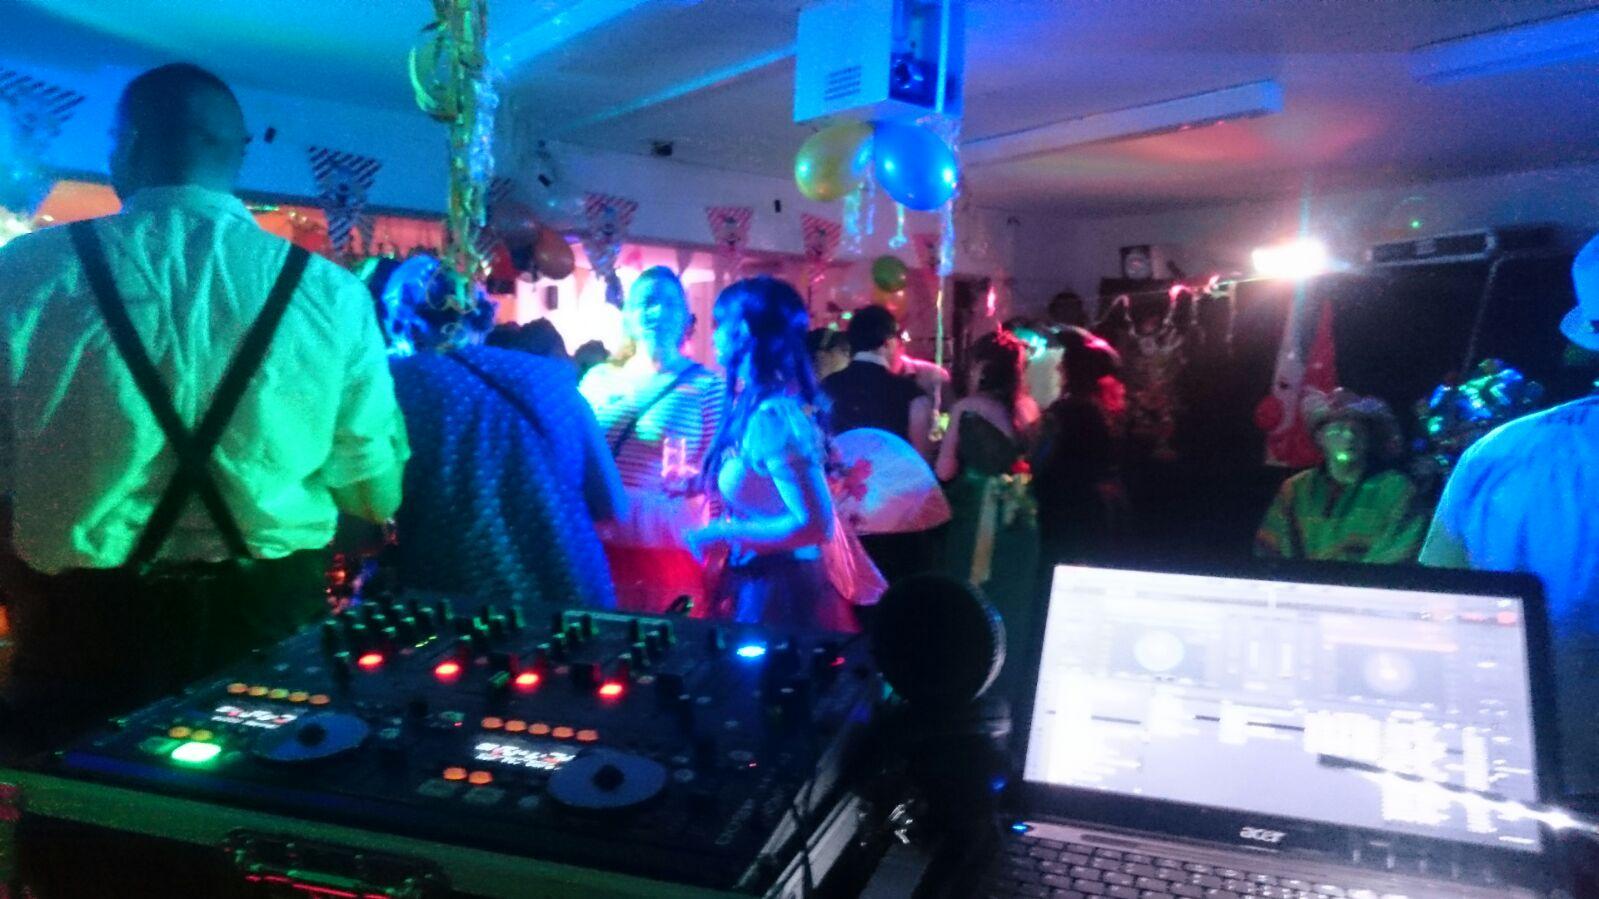 DJ Arne Winter als Hochzeiuts DJ mit Technik und perfekter Party-Stimmung 4